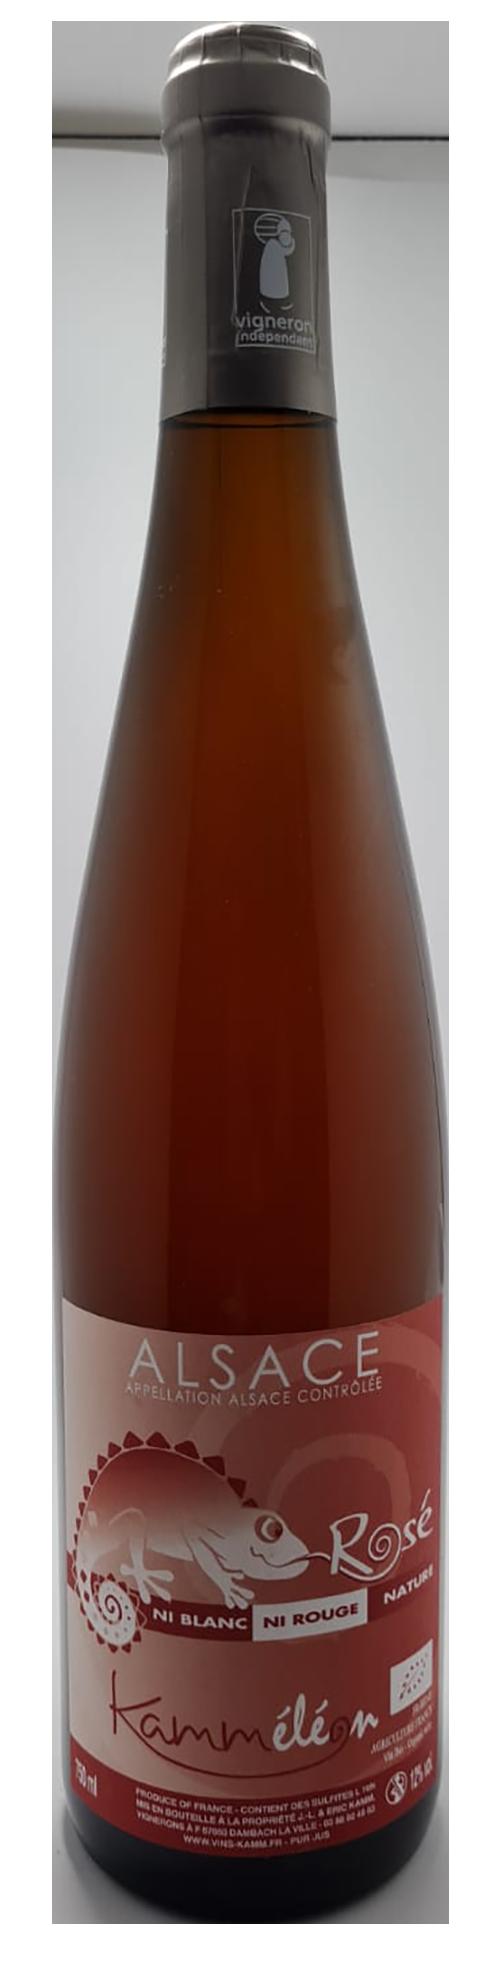 bouteille de vin rosé naturel d'alsace, domaine Kamm, cuvée kammeleon